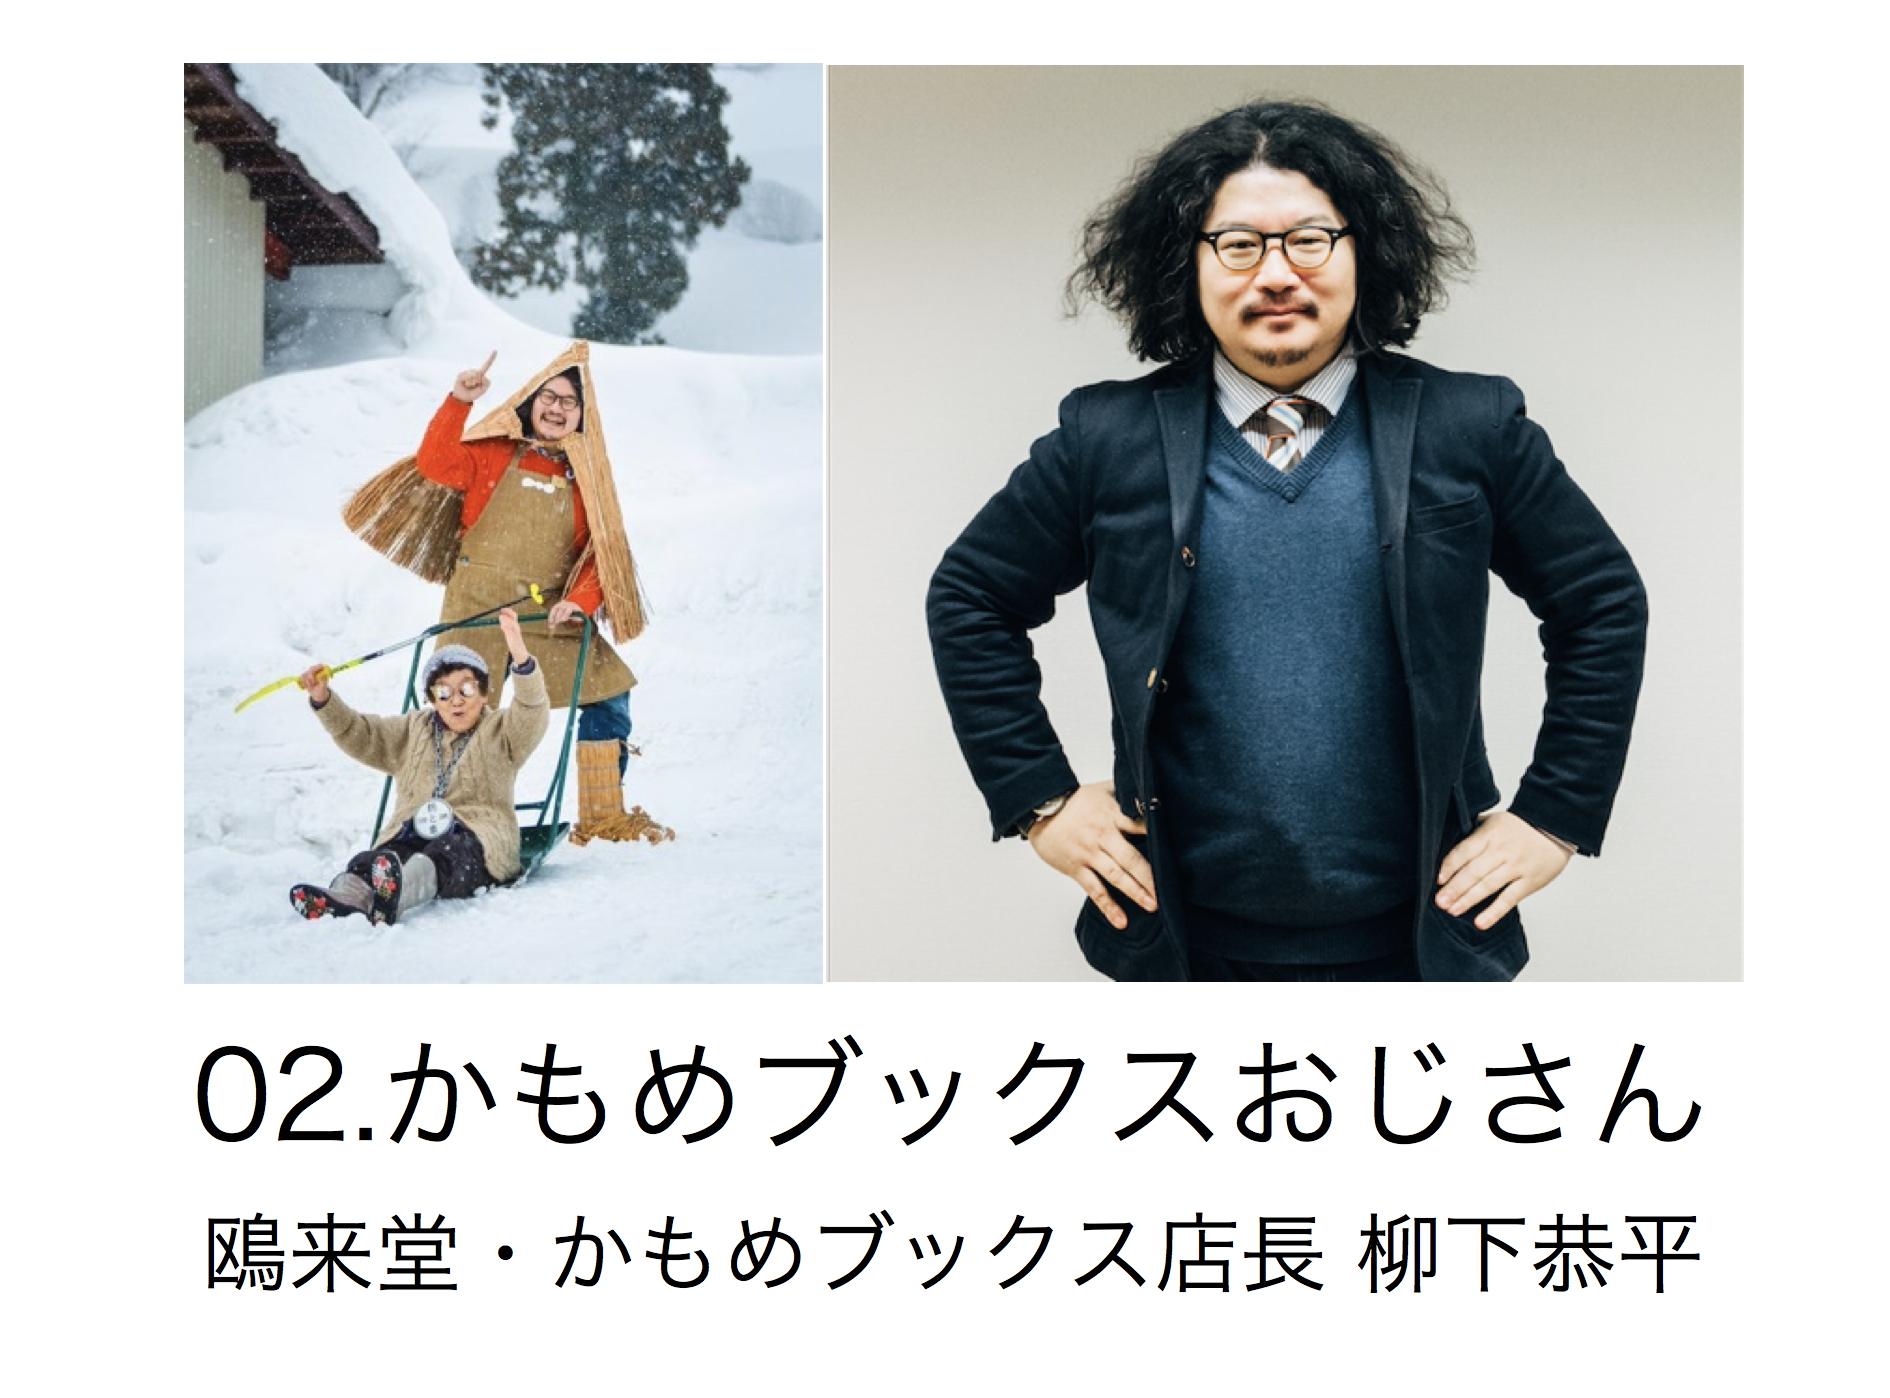 f:id:kakijiro:20170205134726p:plain